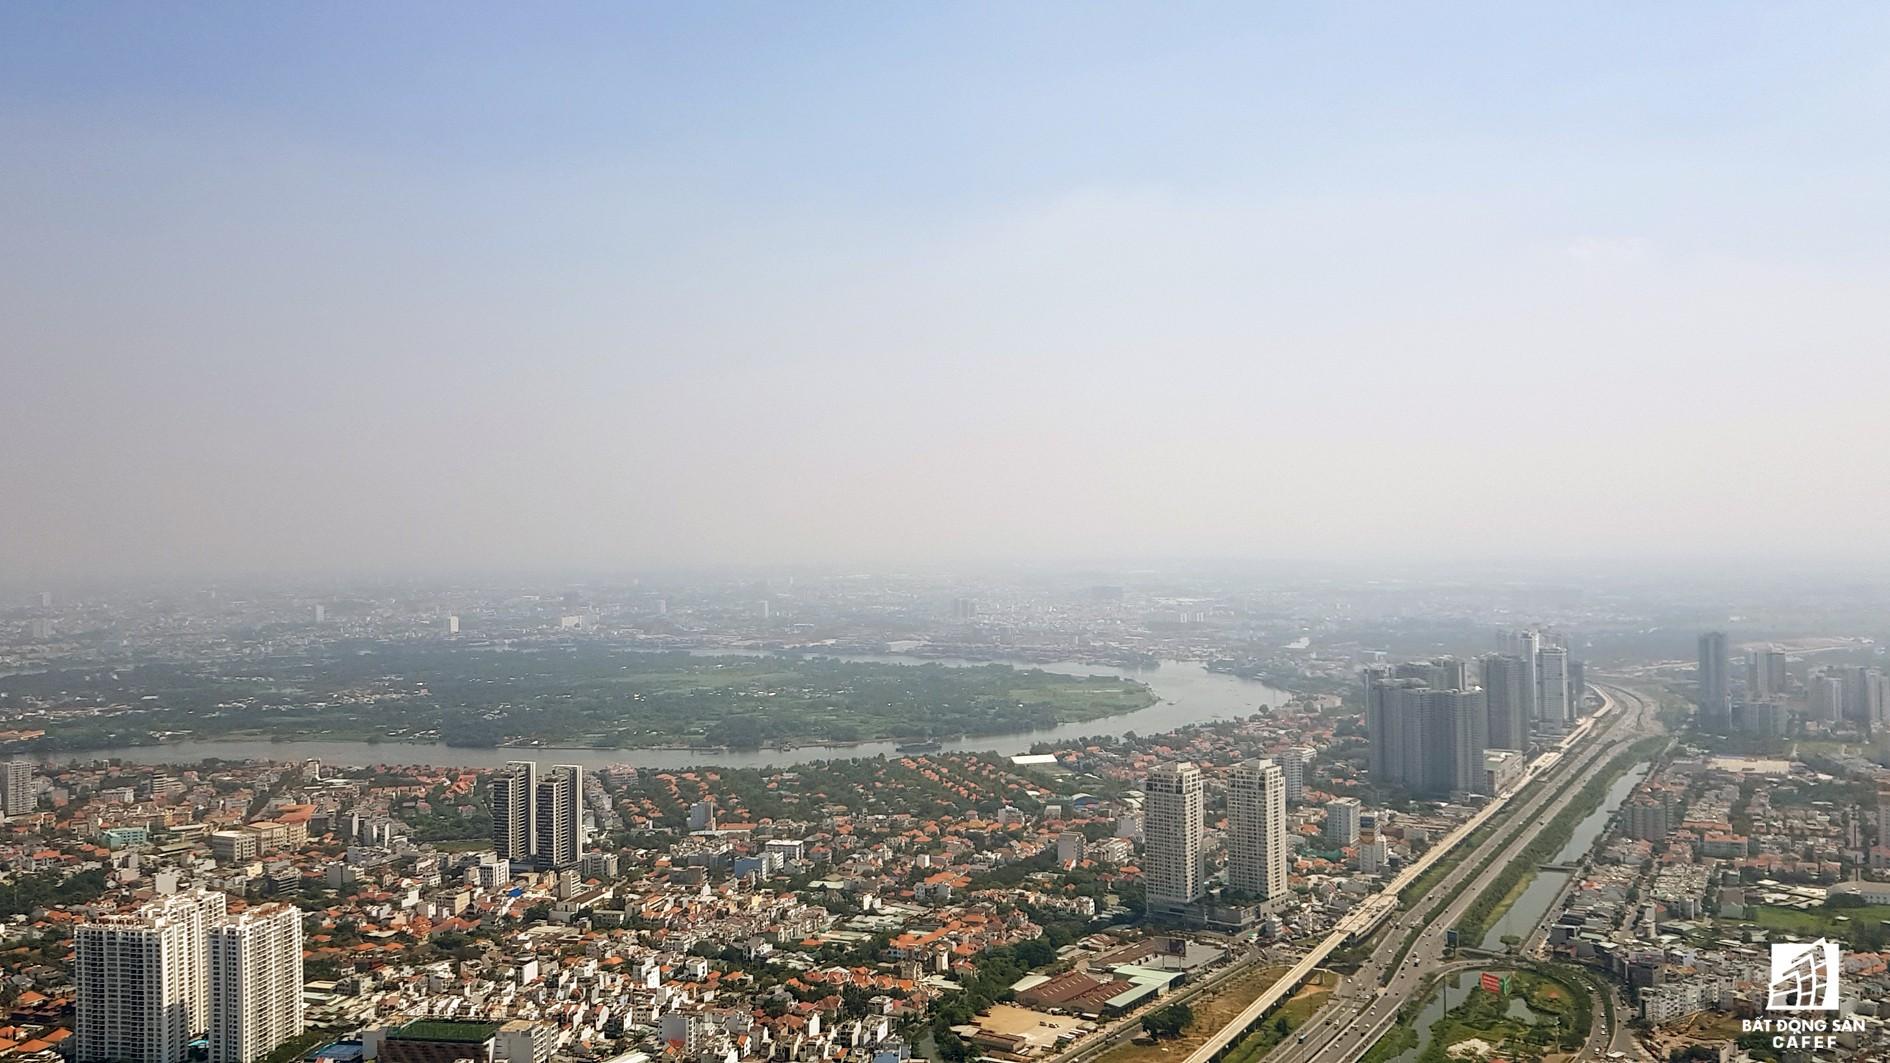 Toàn cảnh đô thị trung tâm Sài Gòn nhìn từ đỉnh tòa nhà cao nhất Việt Nam - Ảnh 8.